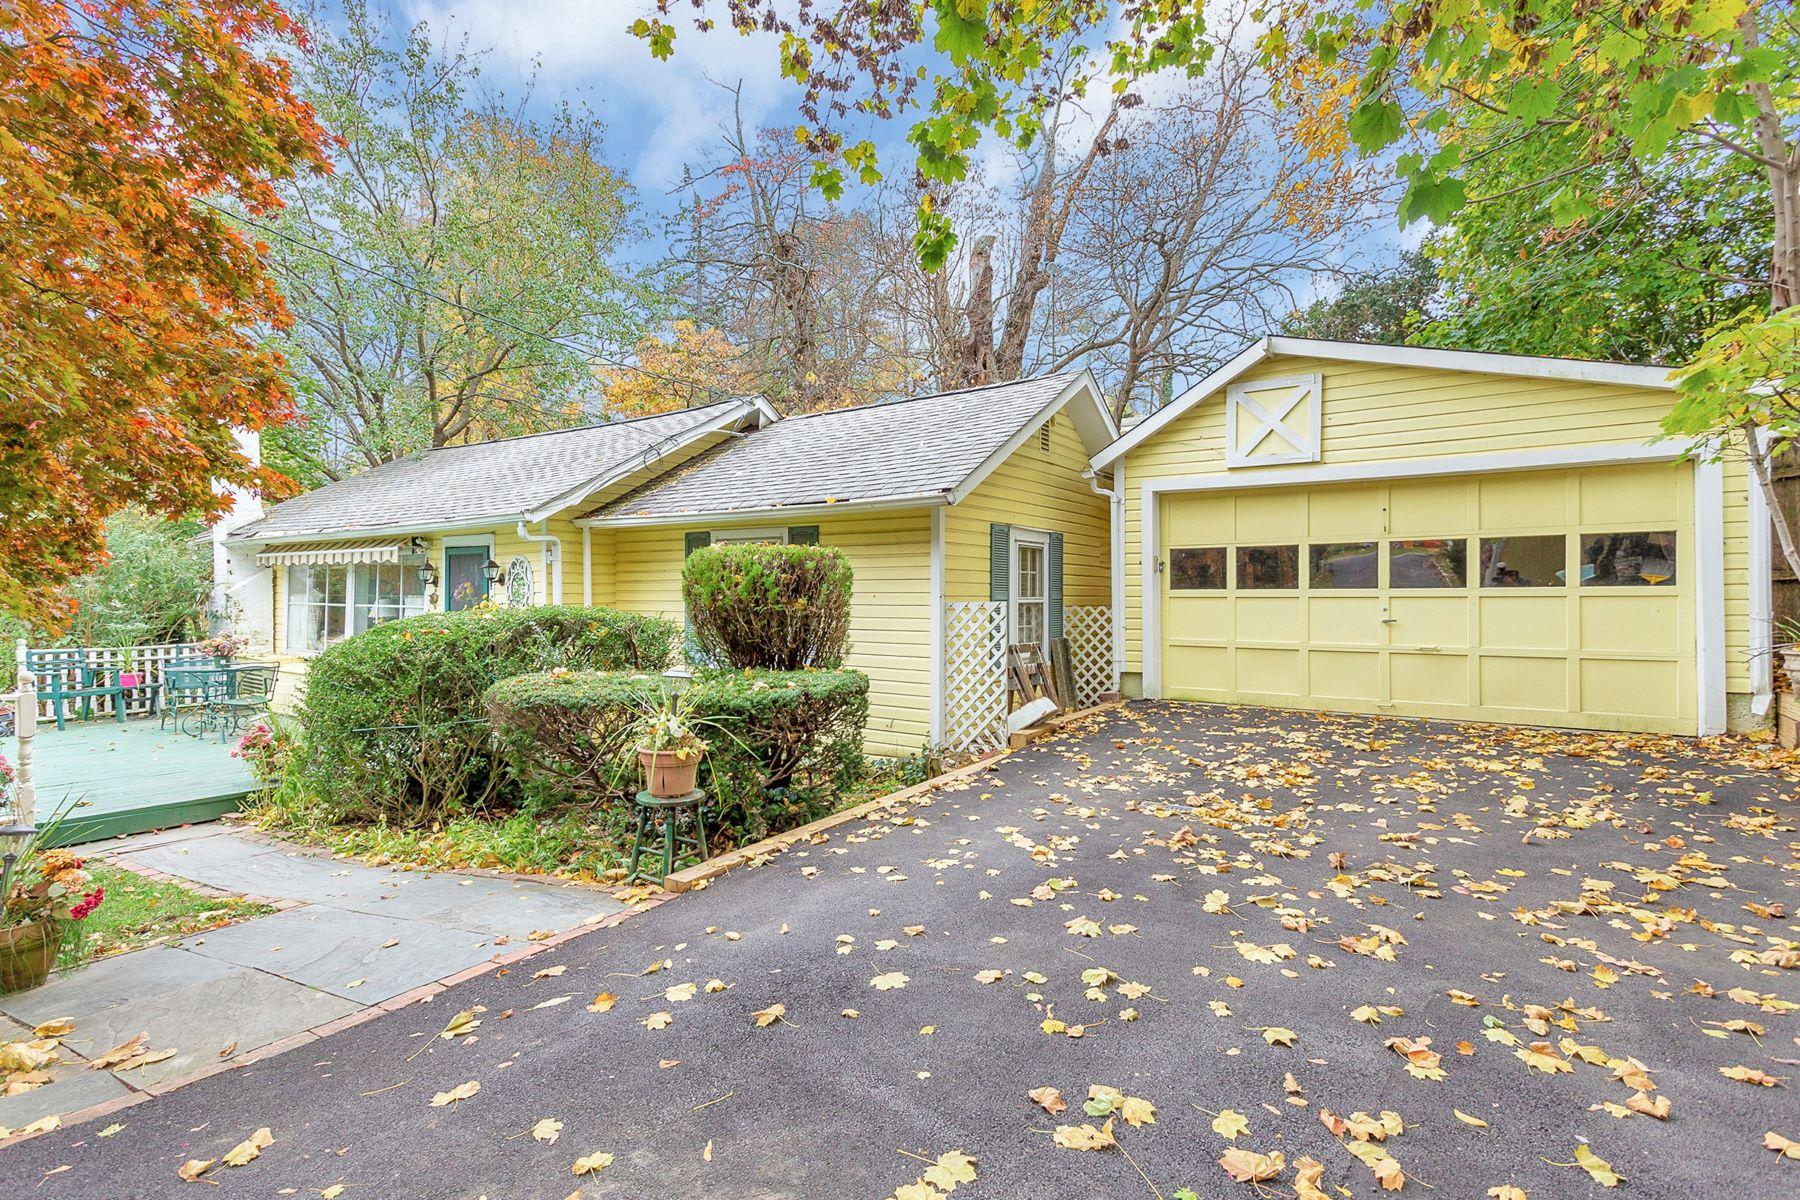 Single Family Homes for Active at Glenwood Landing 18 Maple St Glenwood Landing, New York 11547 United States